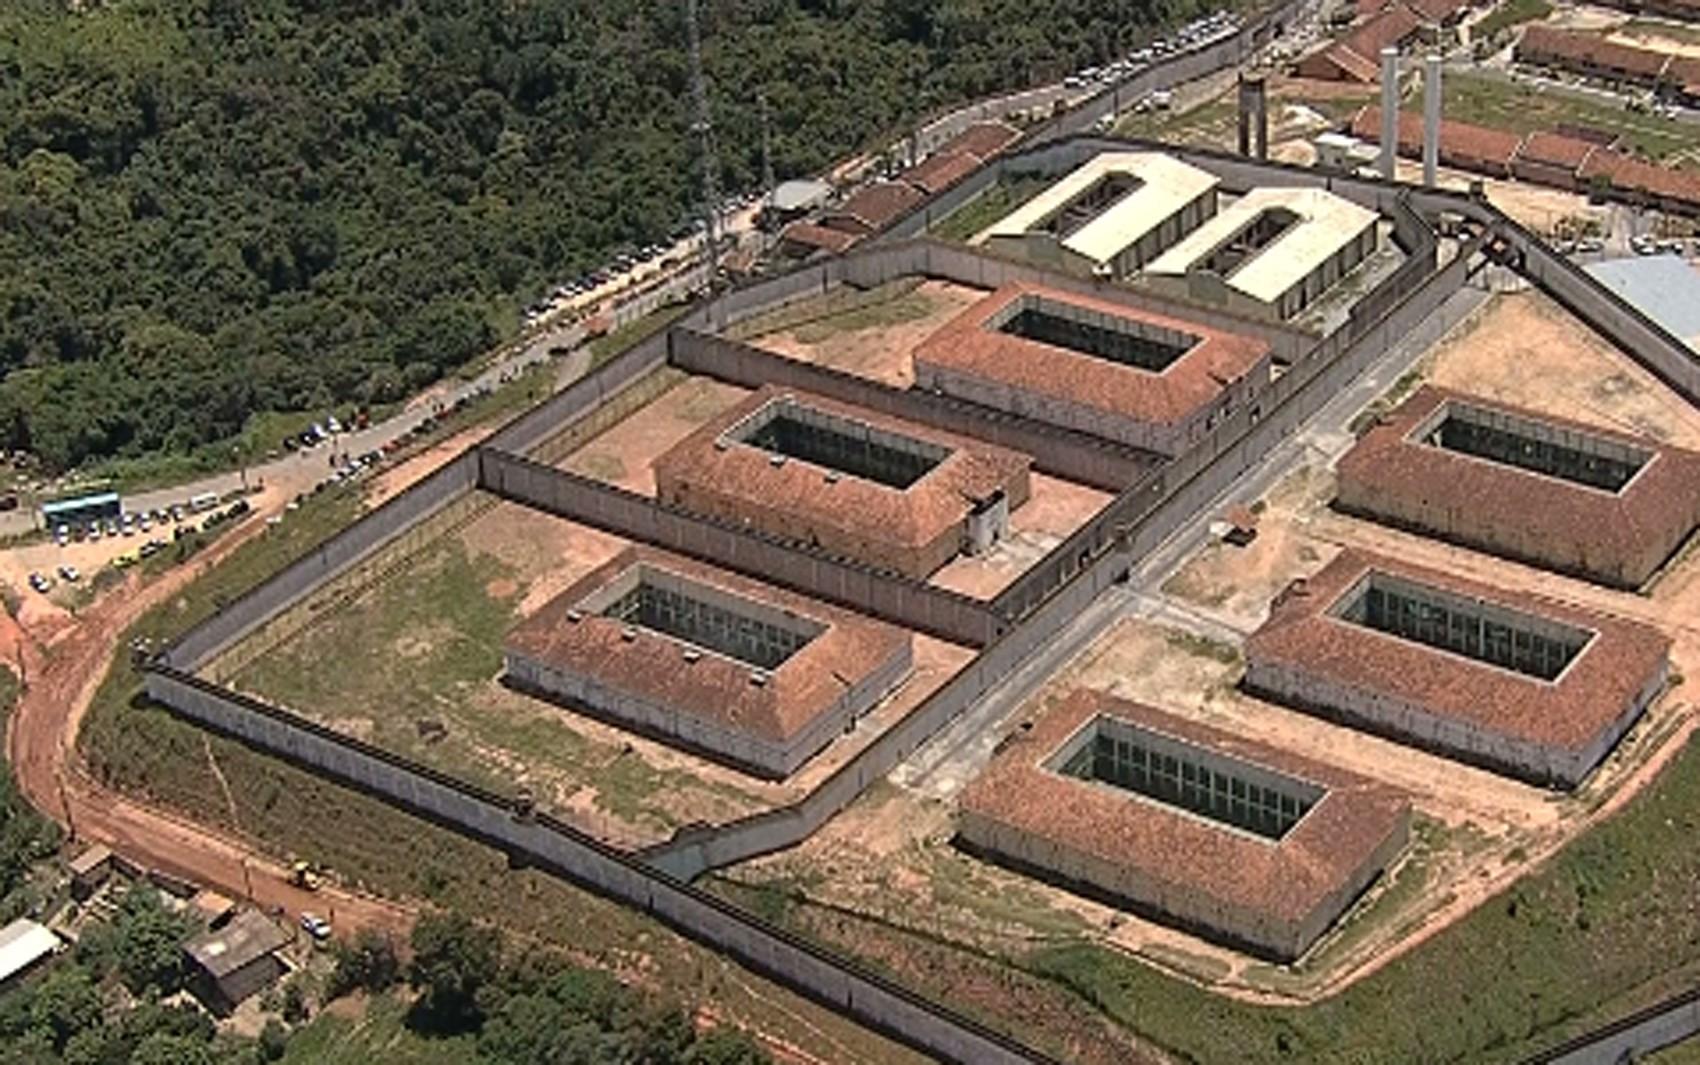 Coronavírus: presos em Minas Gerais vão fazer dois milhões de máscaras, diz governo